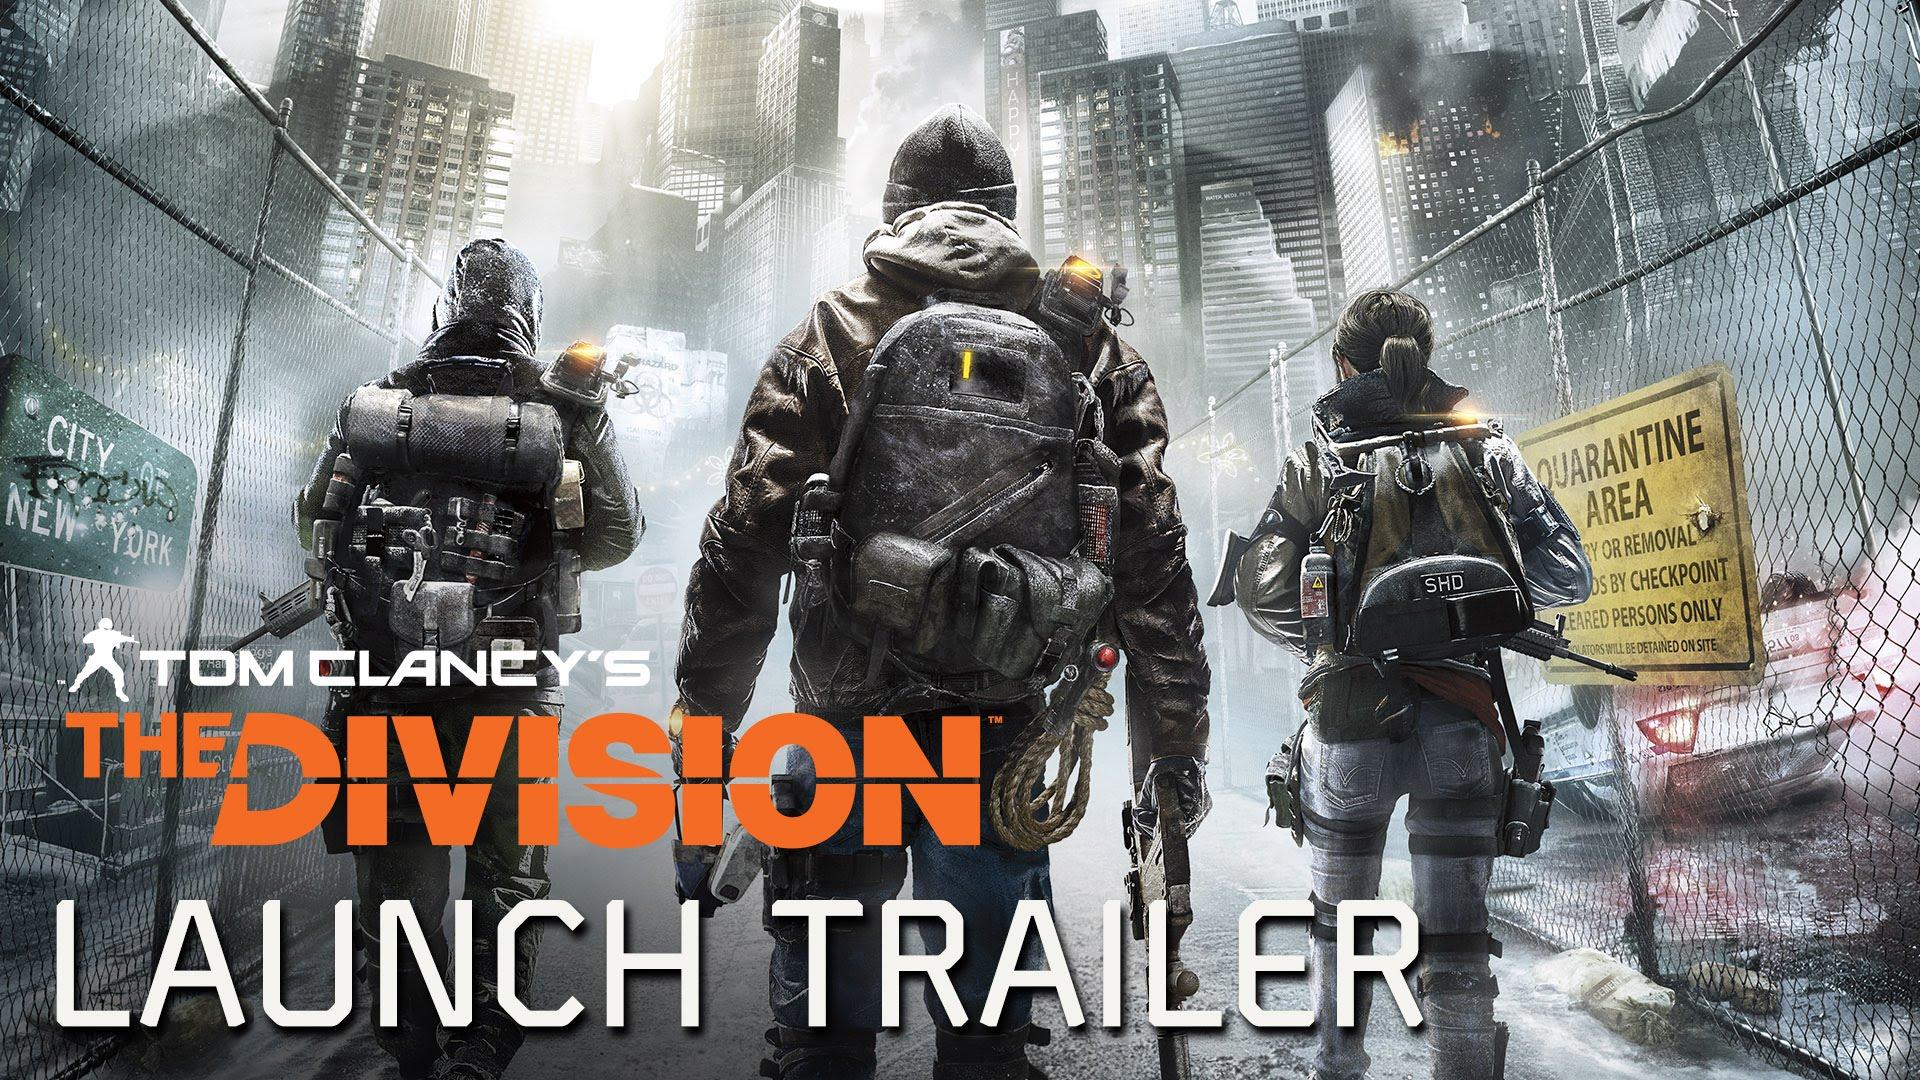 Trailerul de lansare pentru Tom Clancy's The Division a fost publicat